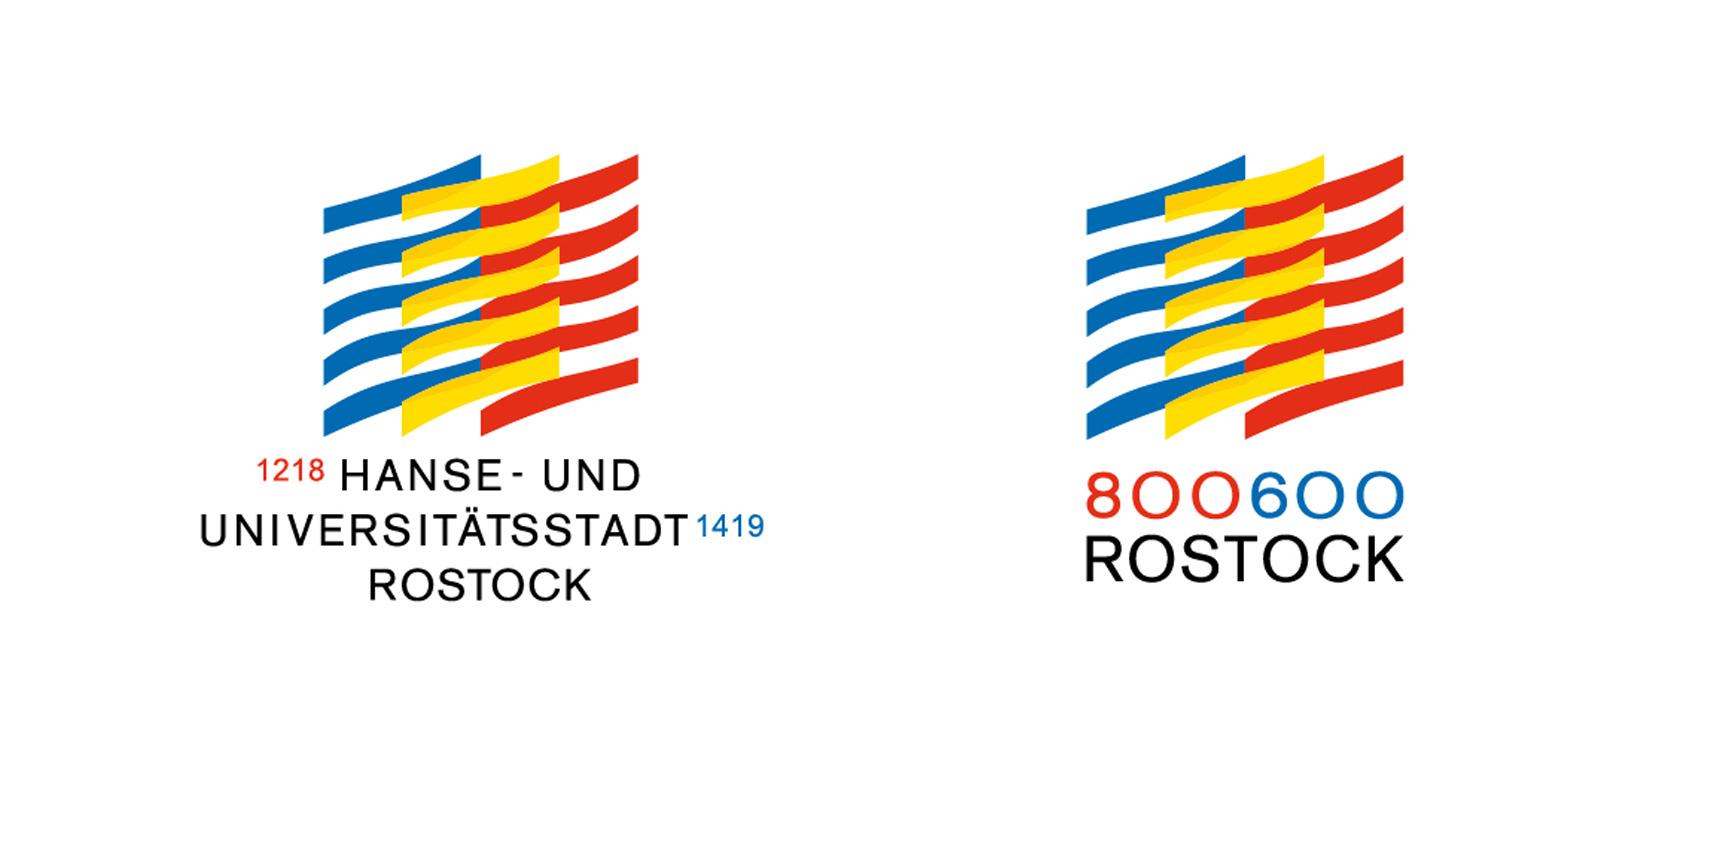 Signetentwicklung zum Doppeljubiläum der Hanse- und Universitätsstadt Rostock 2018/2019 | 1. Preis, Zuschlag nach Ausschreibung